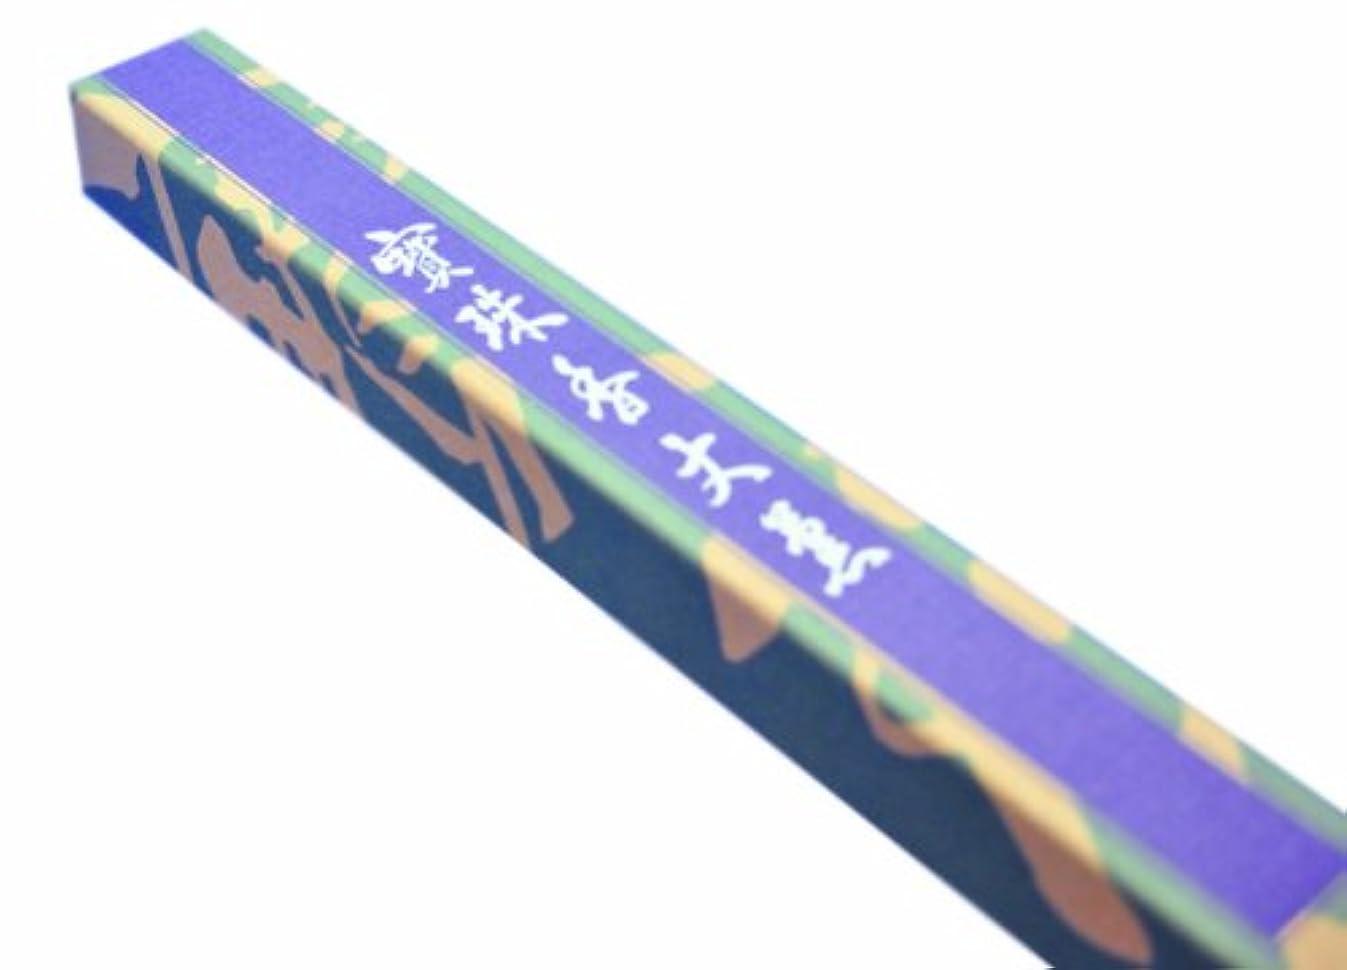 つぶすメロディアスメイエラお線香 寳珠香 大薫香 約70g シャム沈香の香り